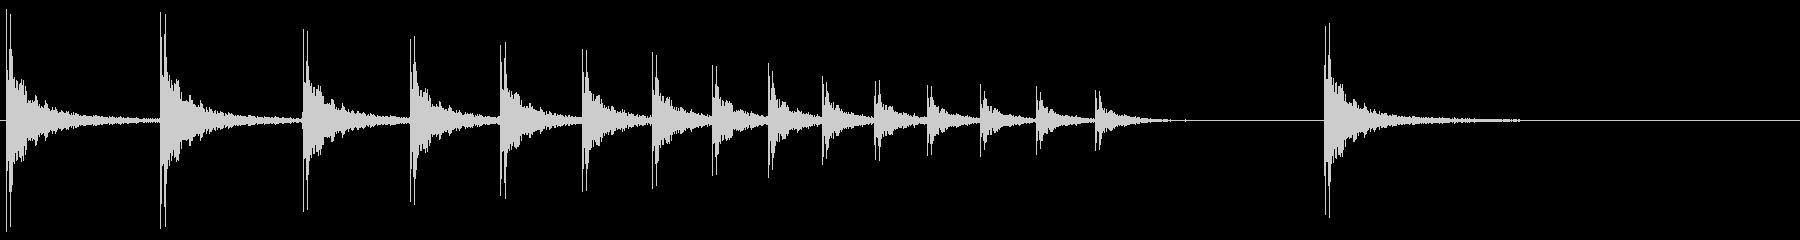 SE 柝(拍子木・きざみ)-1の未再生の波形